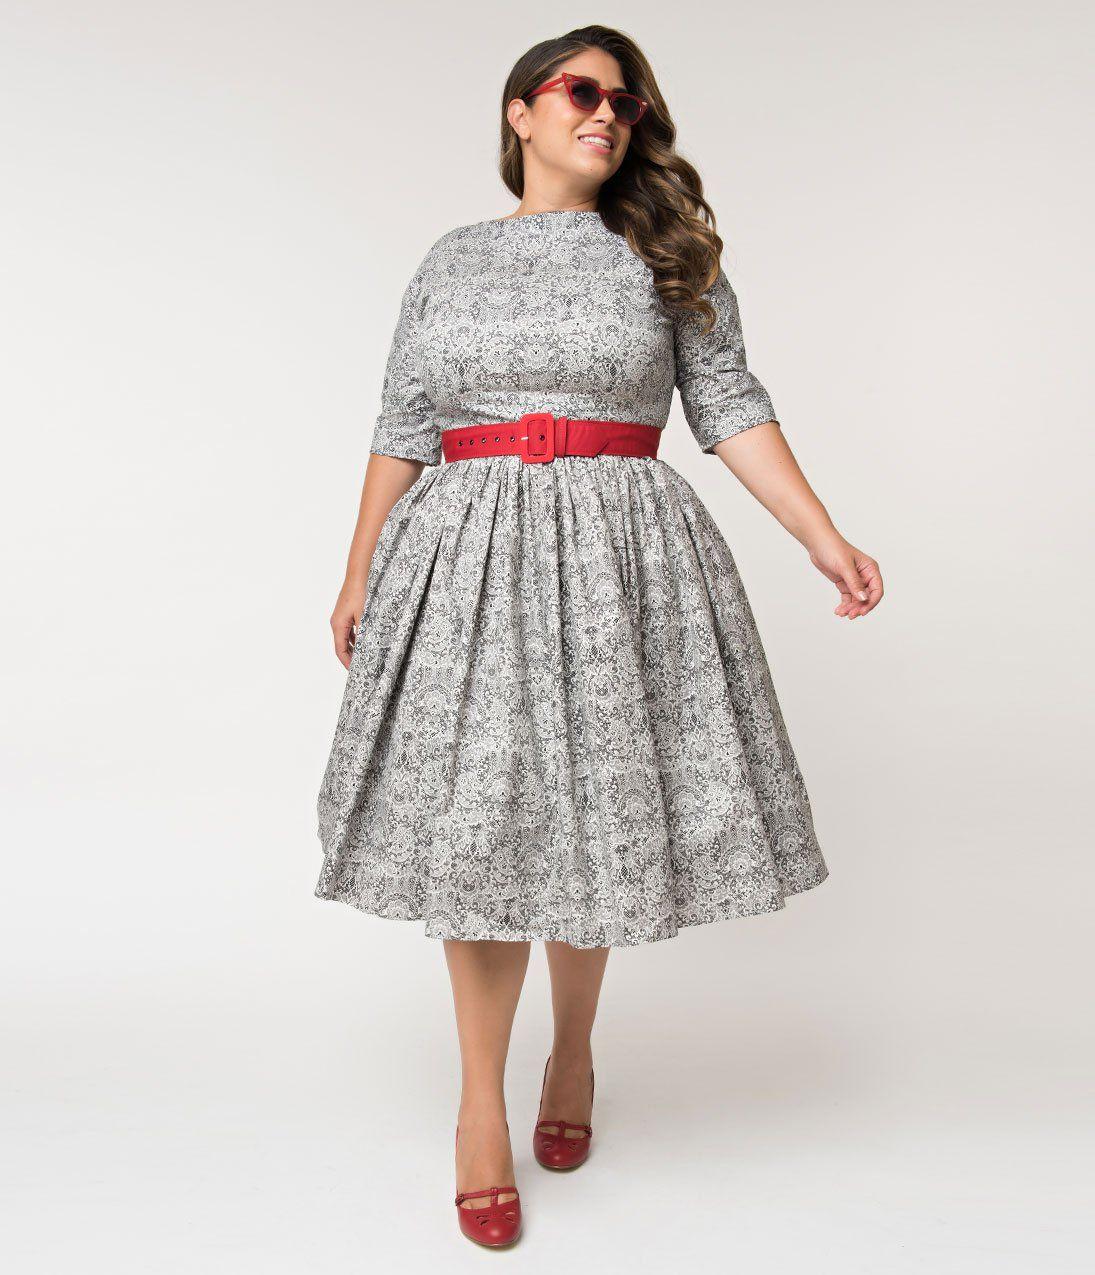 Https Www Unique Vintage Com Products Unique Vintage Plus Size 1940s Style Black White Lace Print Sleeved Sally Swing 1940s Fashion Lace Print Unique Dresses